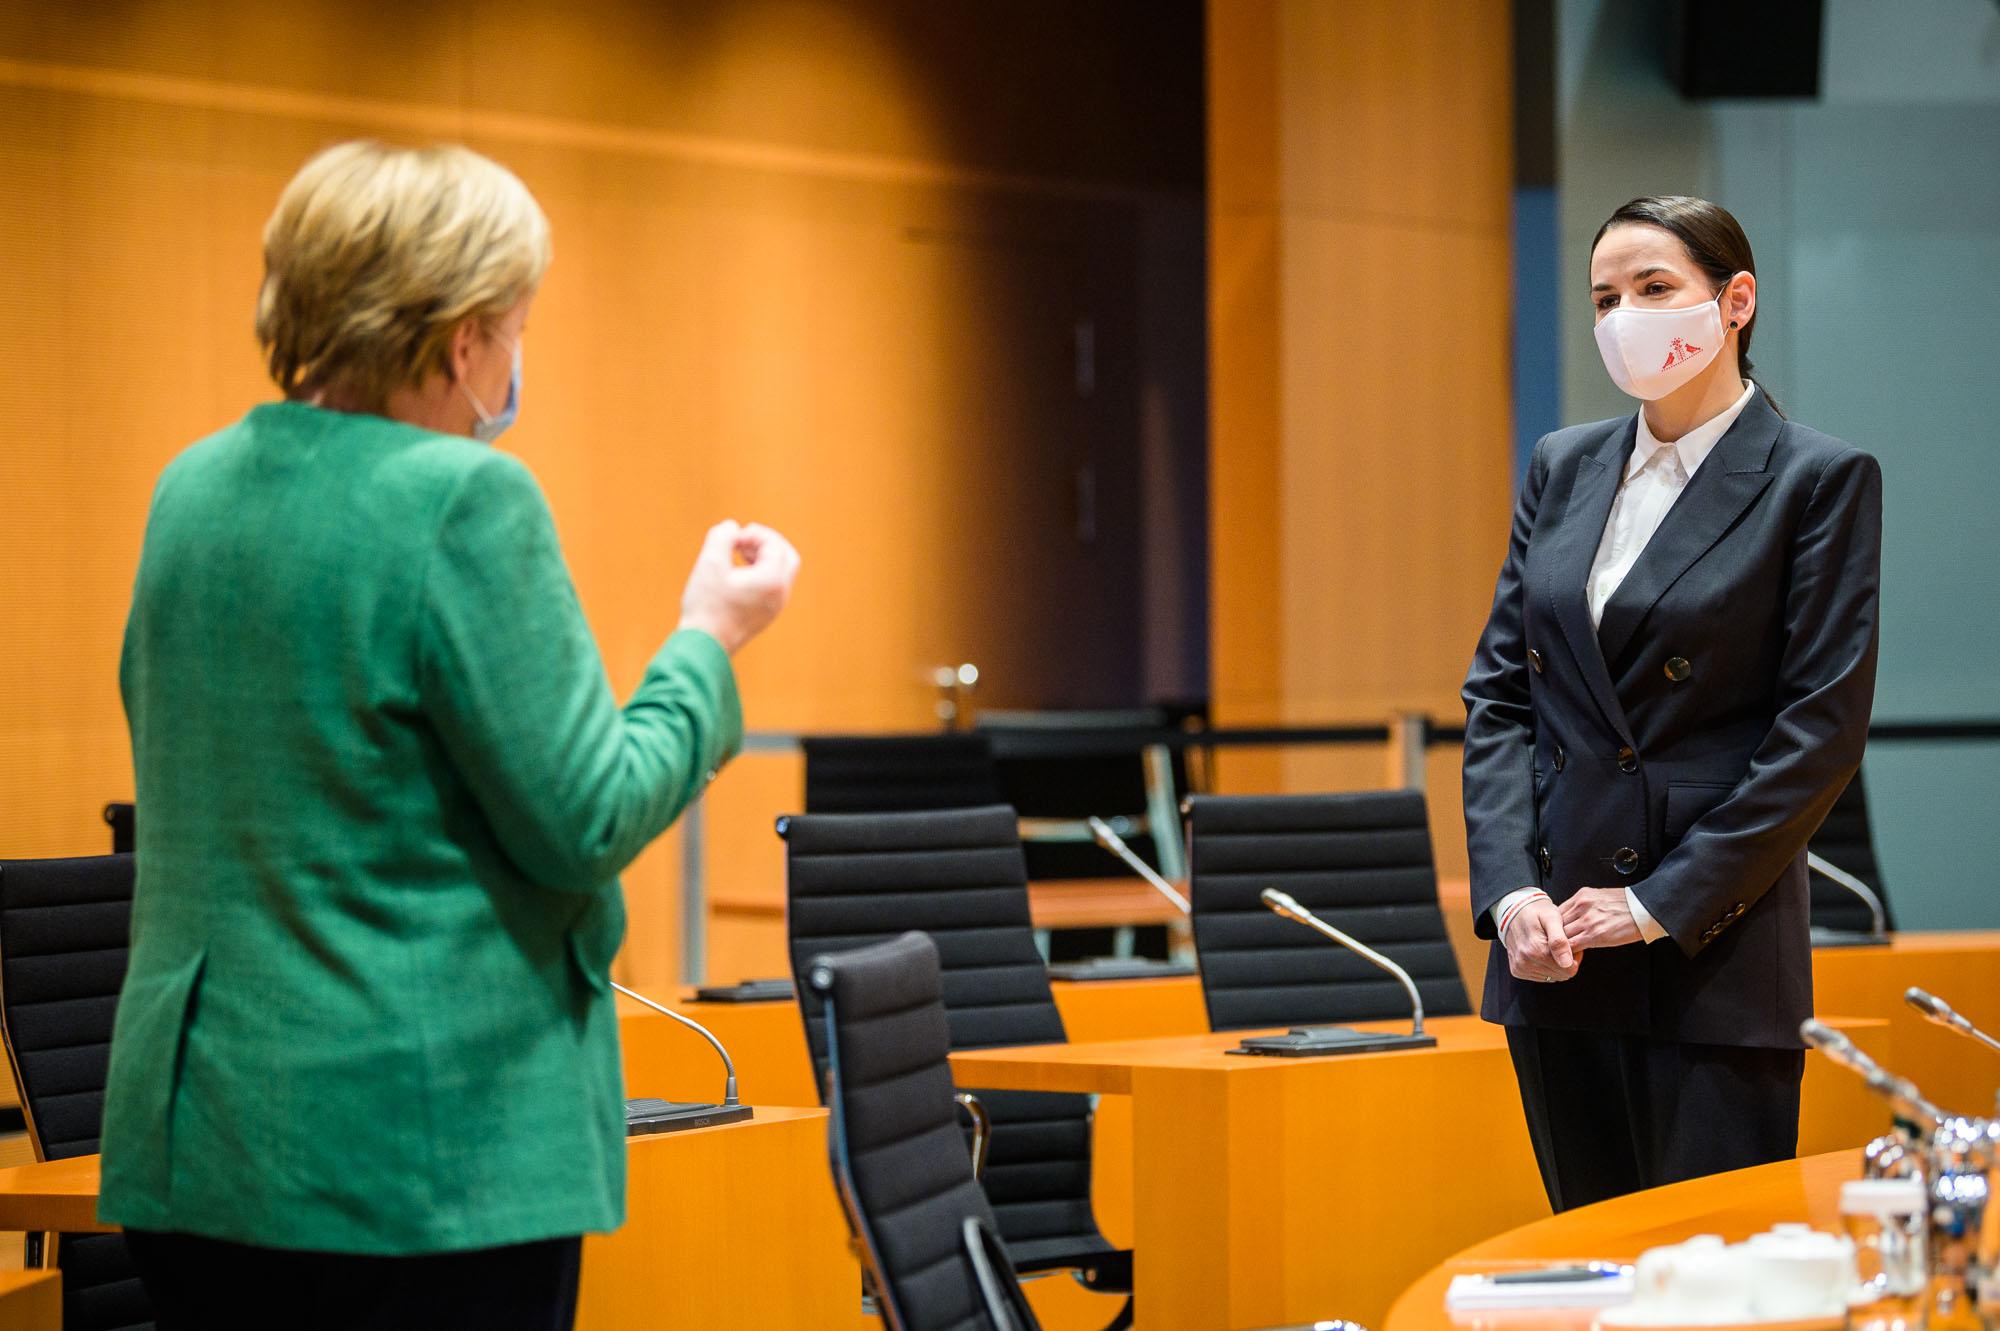 """Steffen Seibert on Twitter: """"Kanzlerin #Merkel empfängt Swetlana  #Tichanowskaja, die Präsidentschaftskandidatin und Leitfigur der Opposition  in #Belarus.… https://t.co/U5ve183LOj"""""""